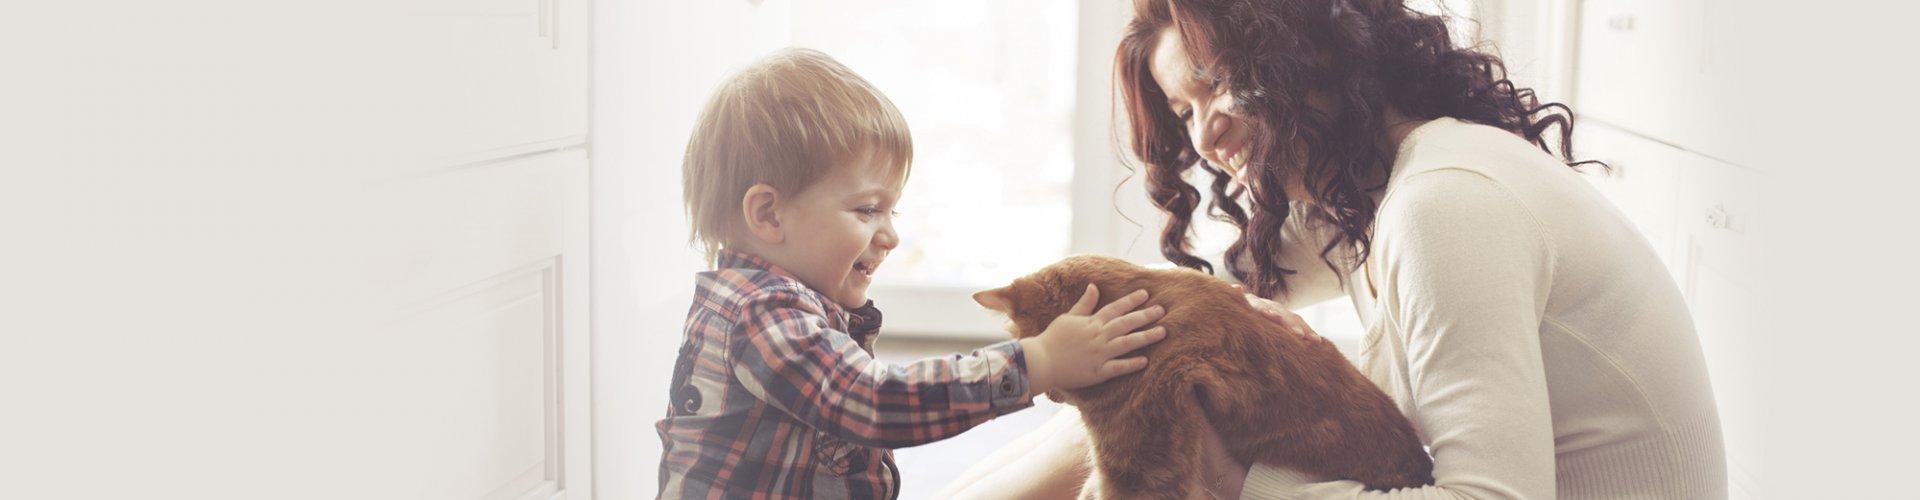 ипотека, семья, деньги, накопить на ипотеку, собака